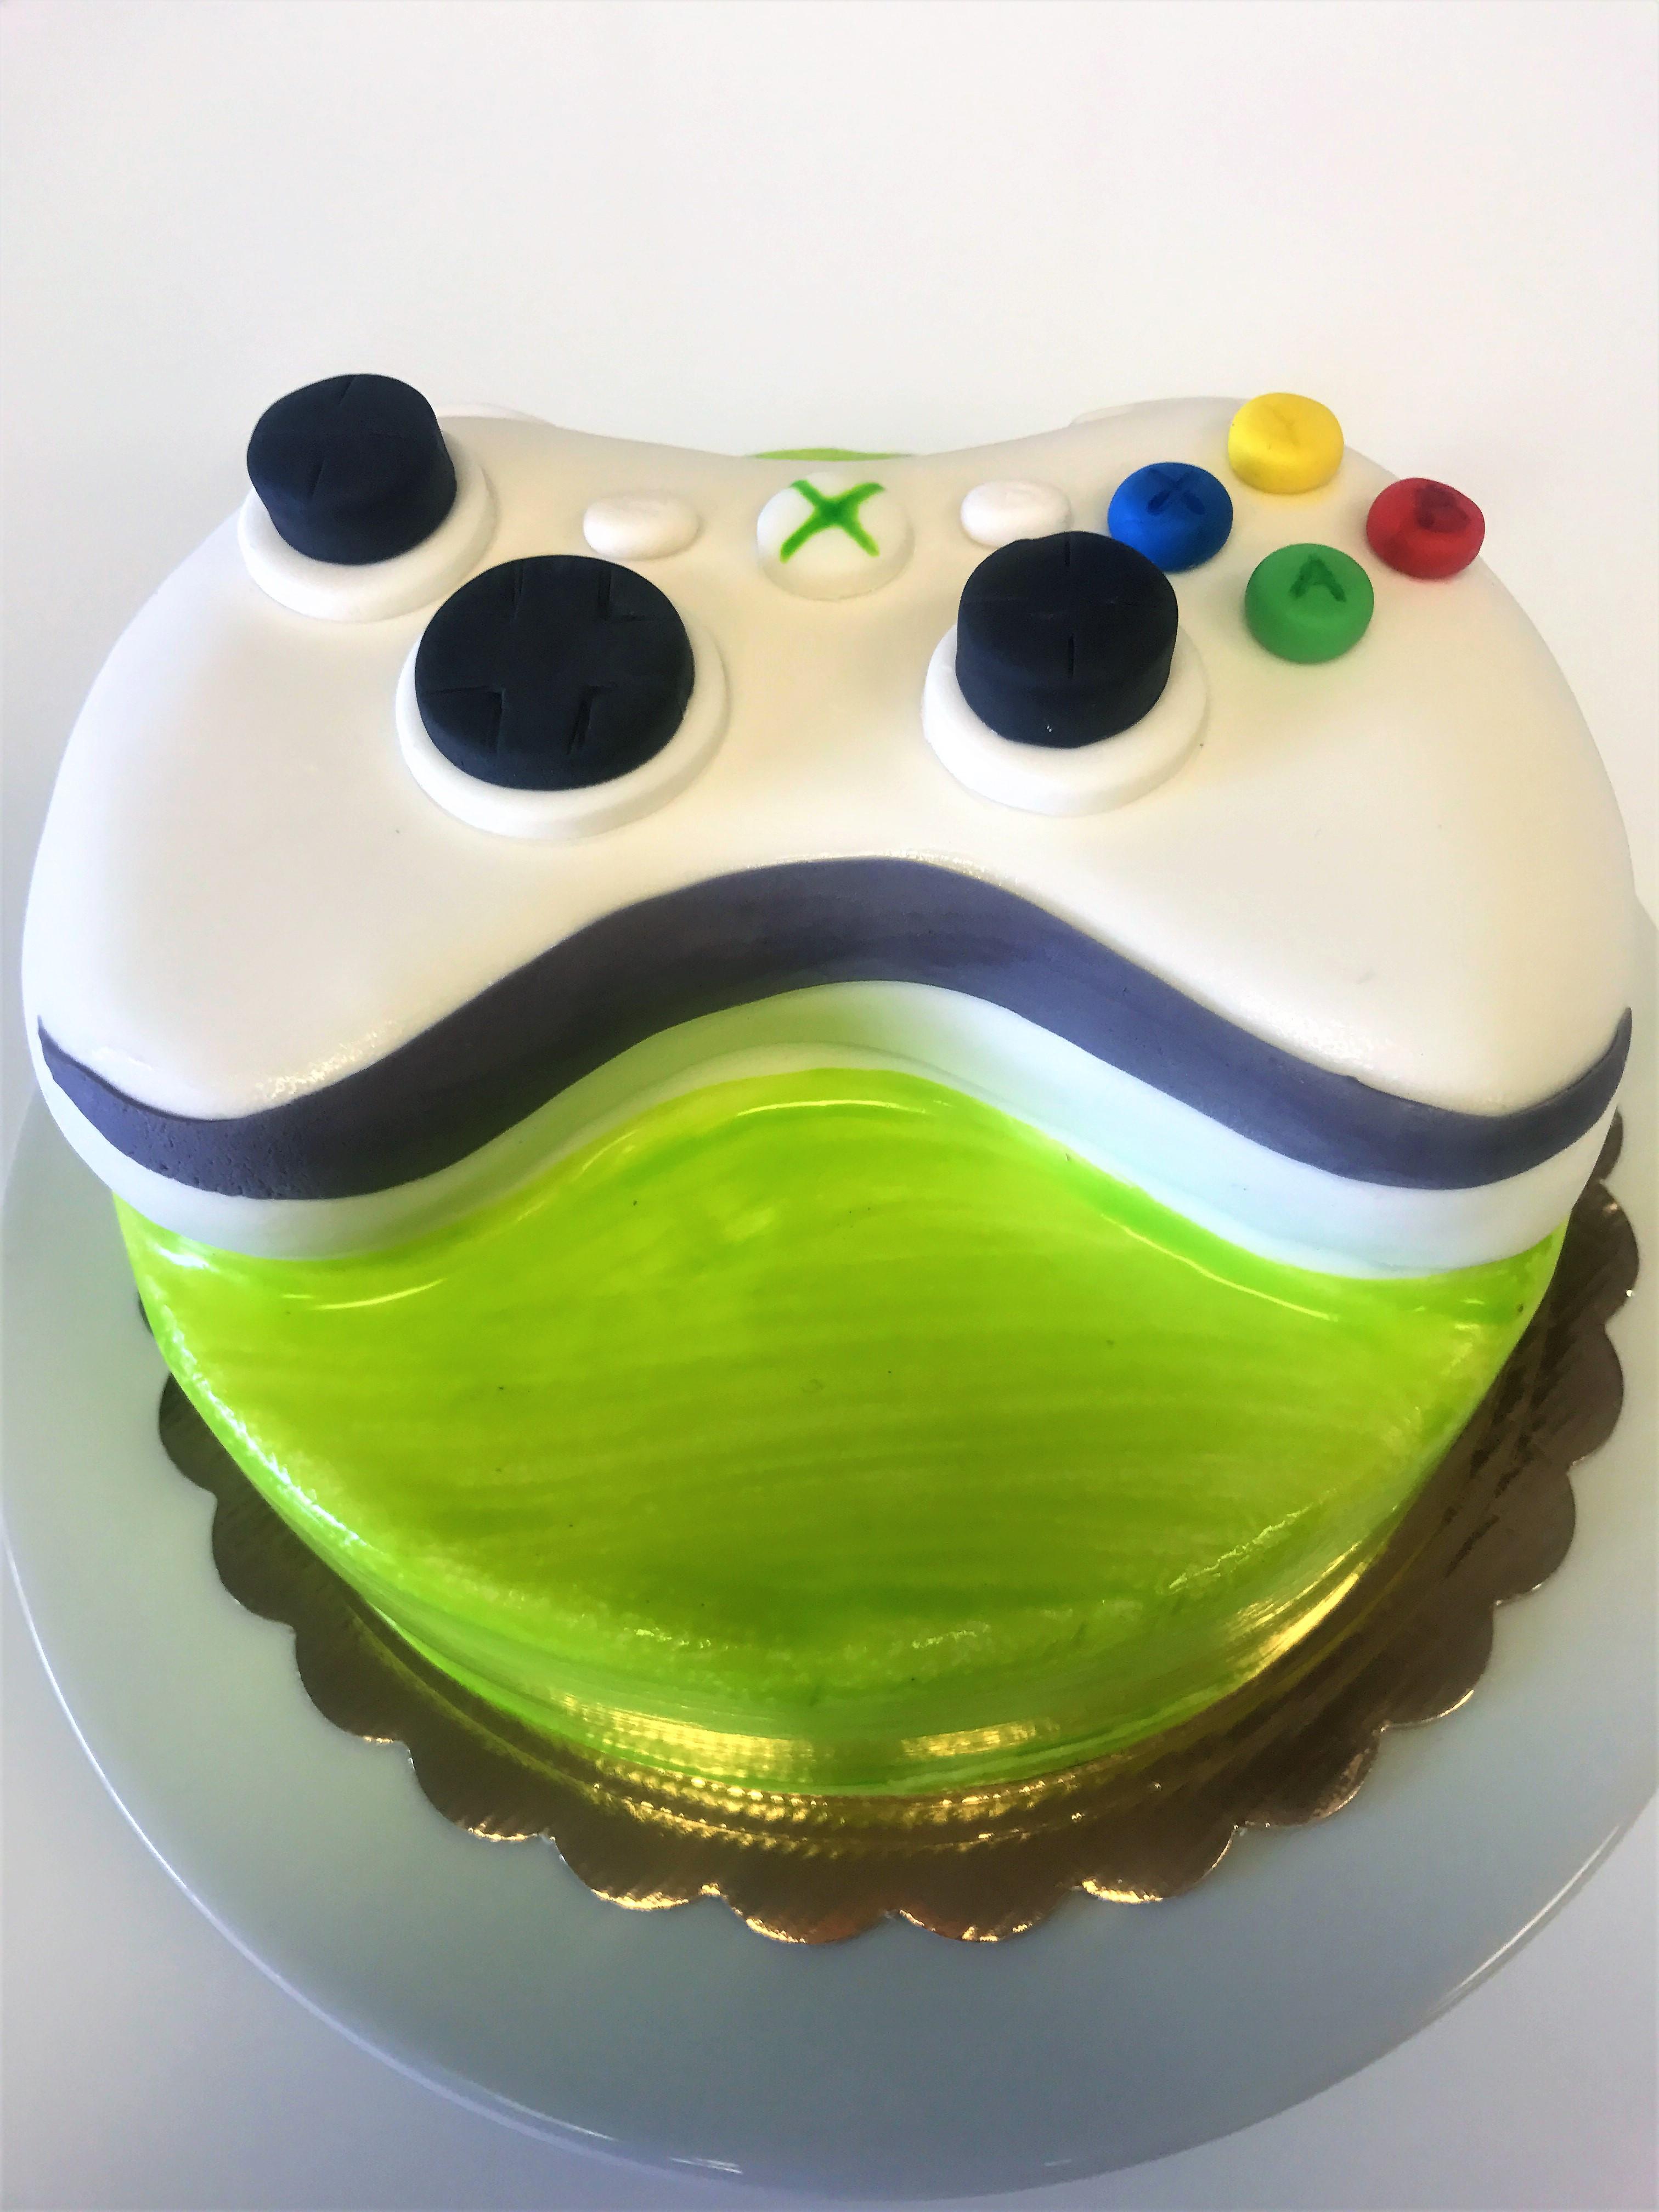 8'' xbox cake